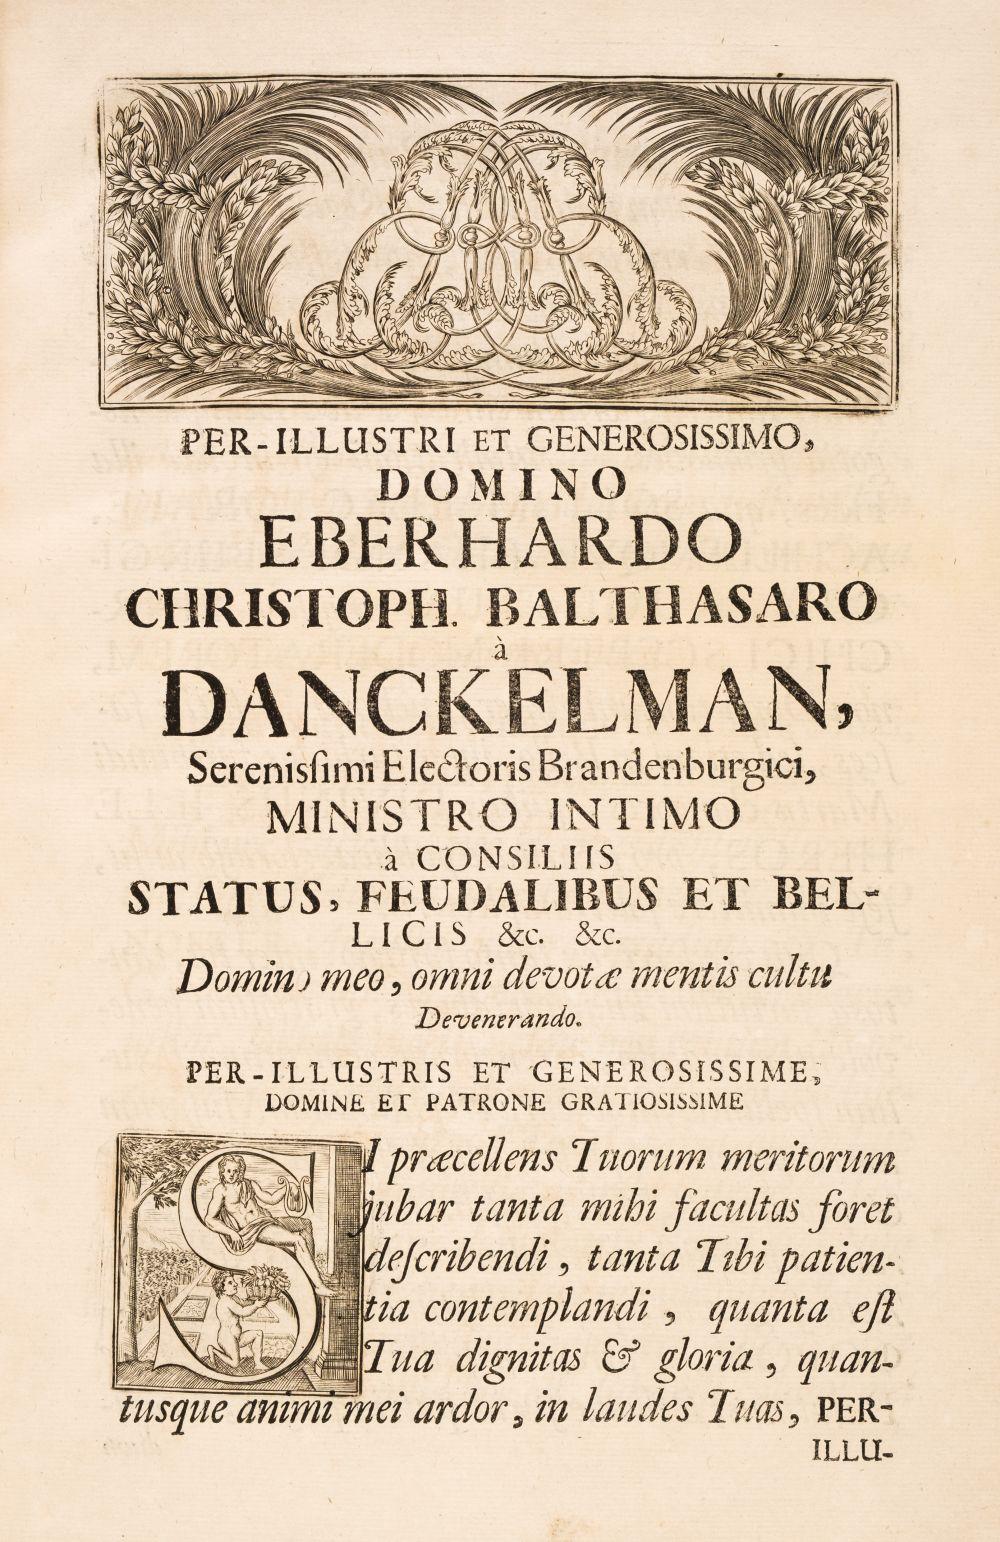 Beger (Lorenz). Spicilegium Antiquitatis..., [Berlin], 1692.